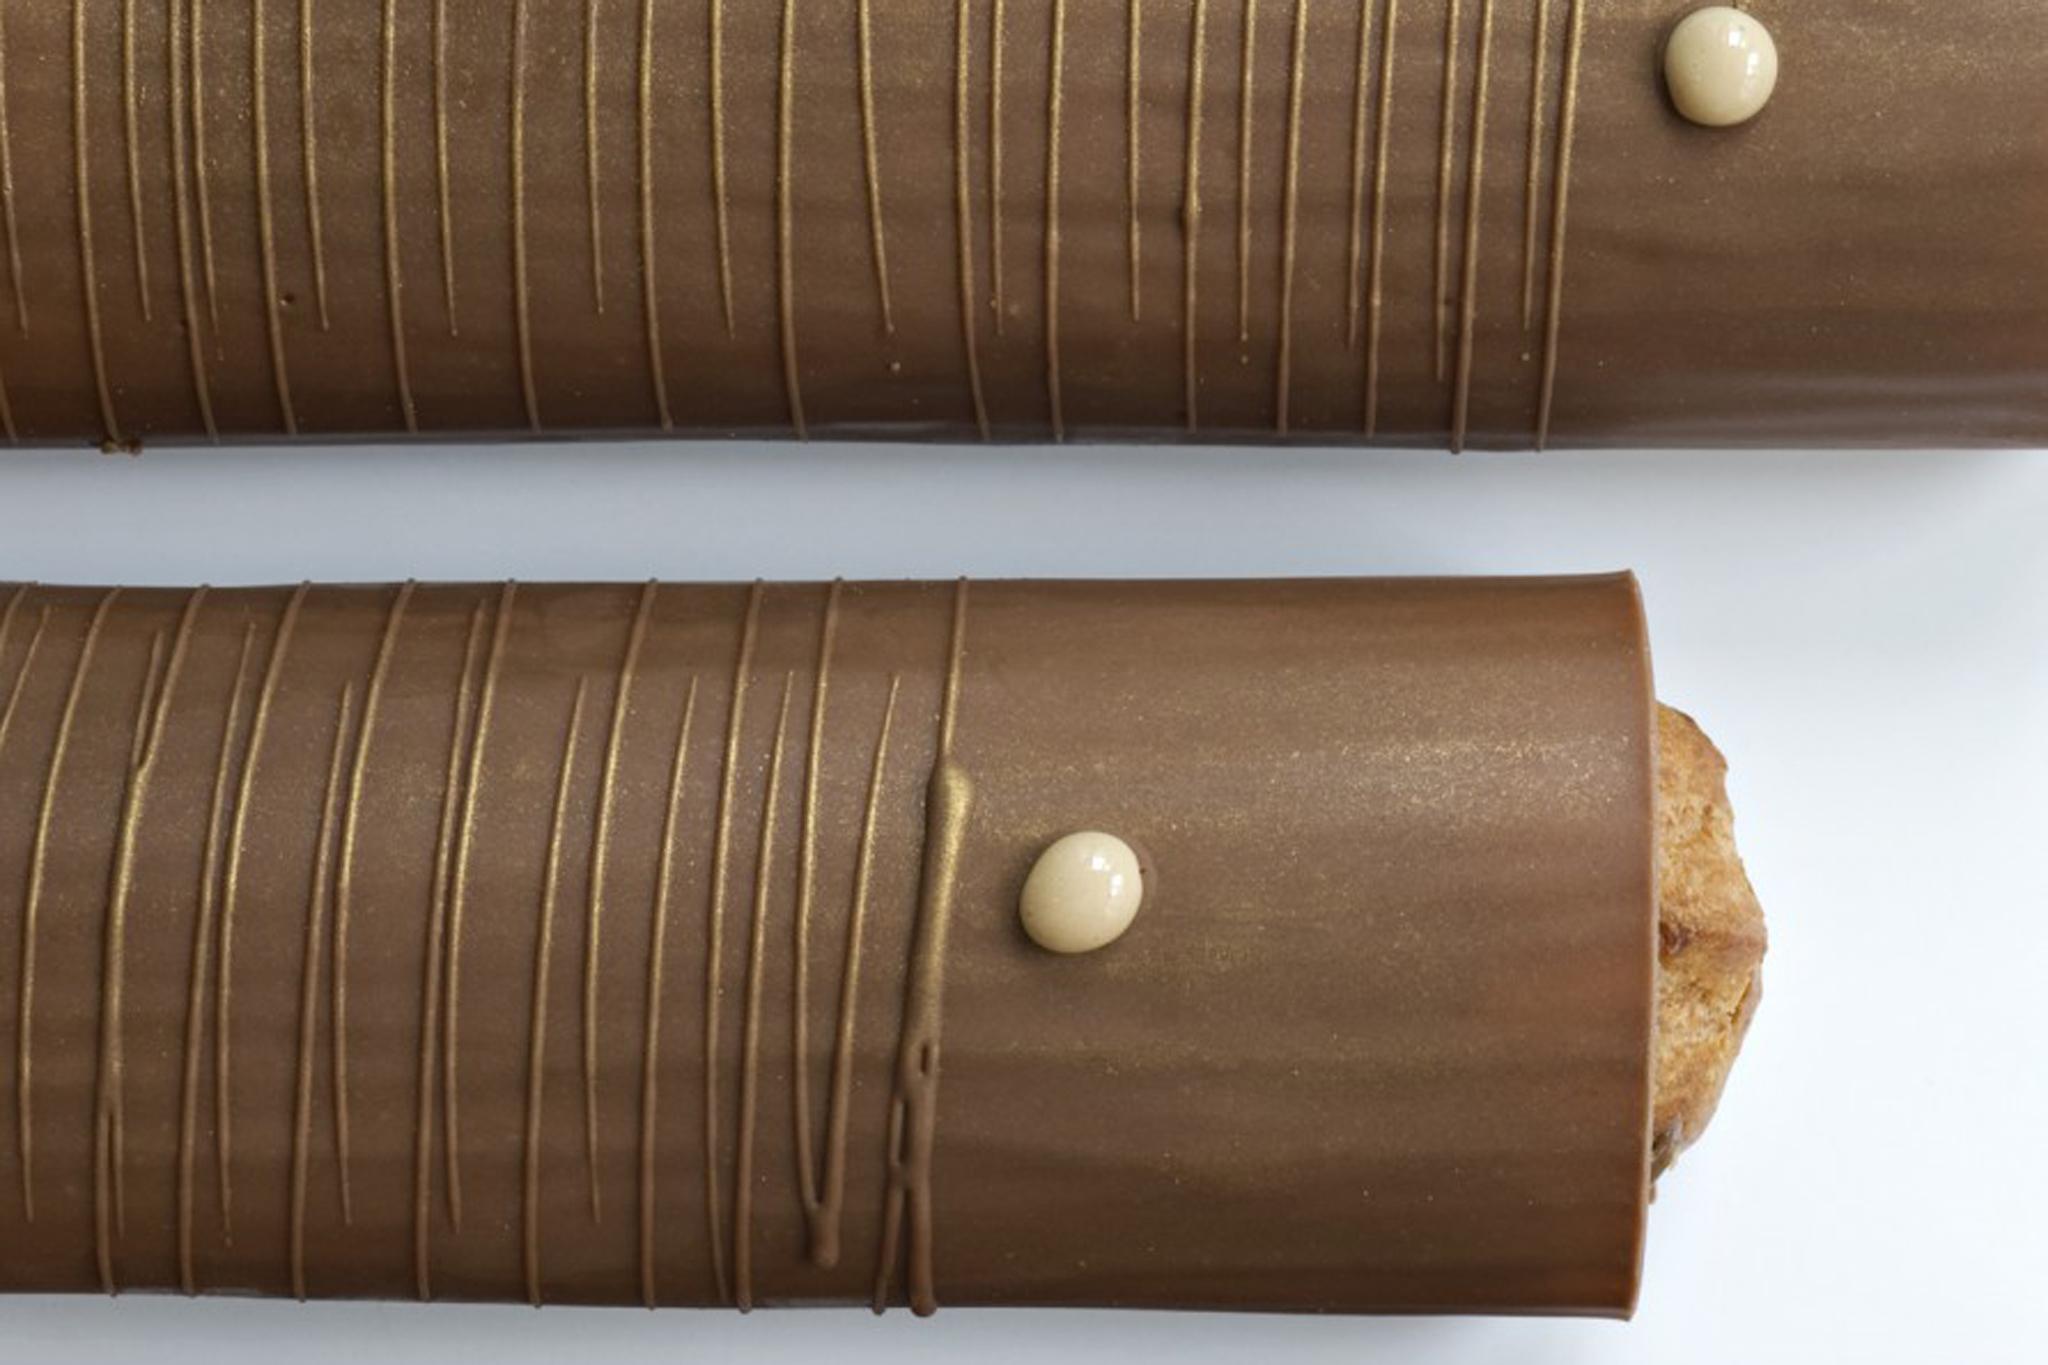 Chocolate-cloaked praline éclair at La Pâtisserie des Rêves